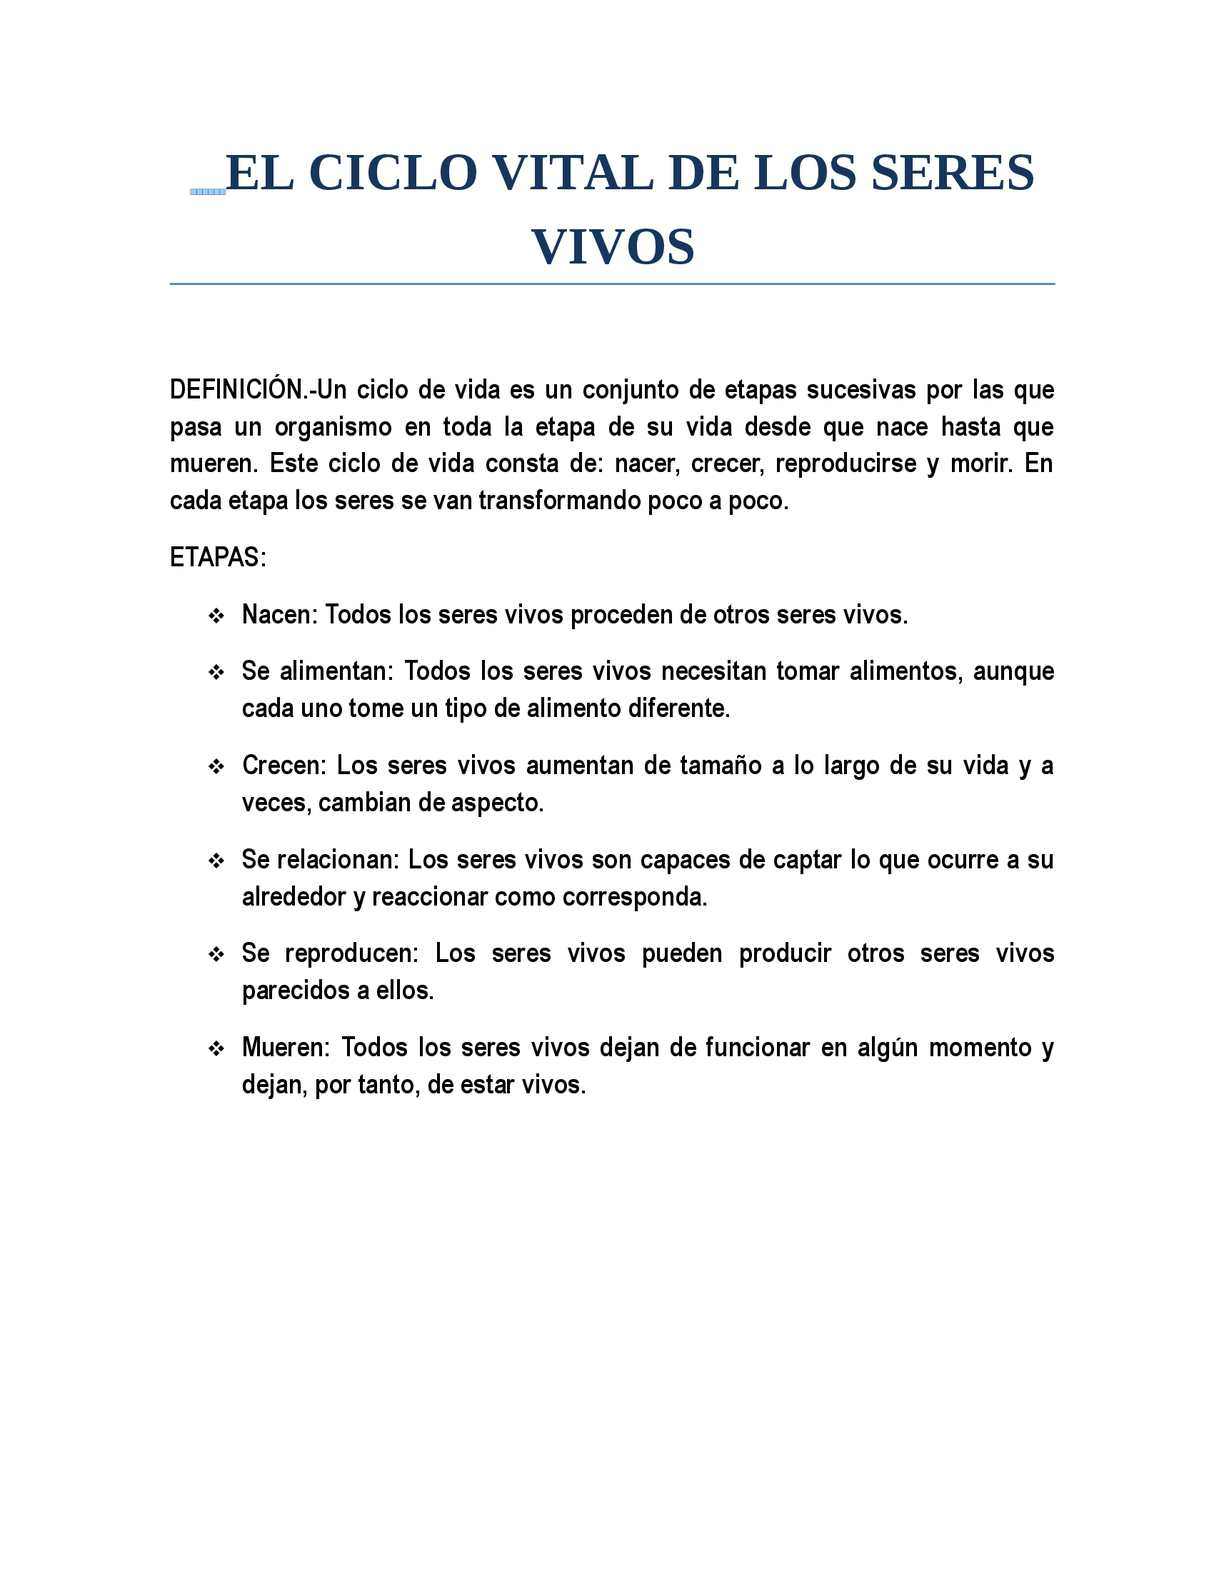 Calaméo - CICLO VITAL DE LOS SERES VIVOS